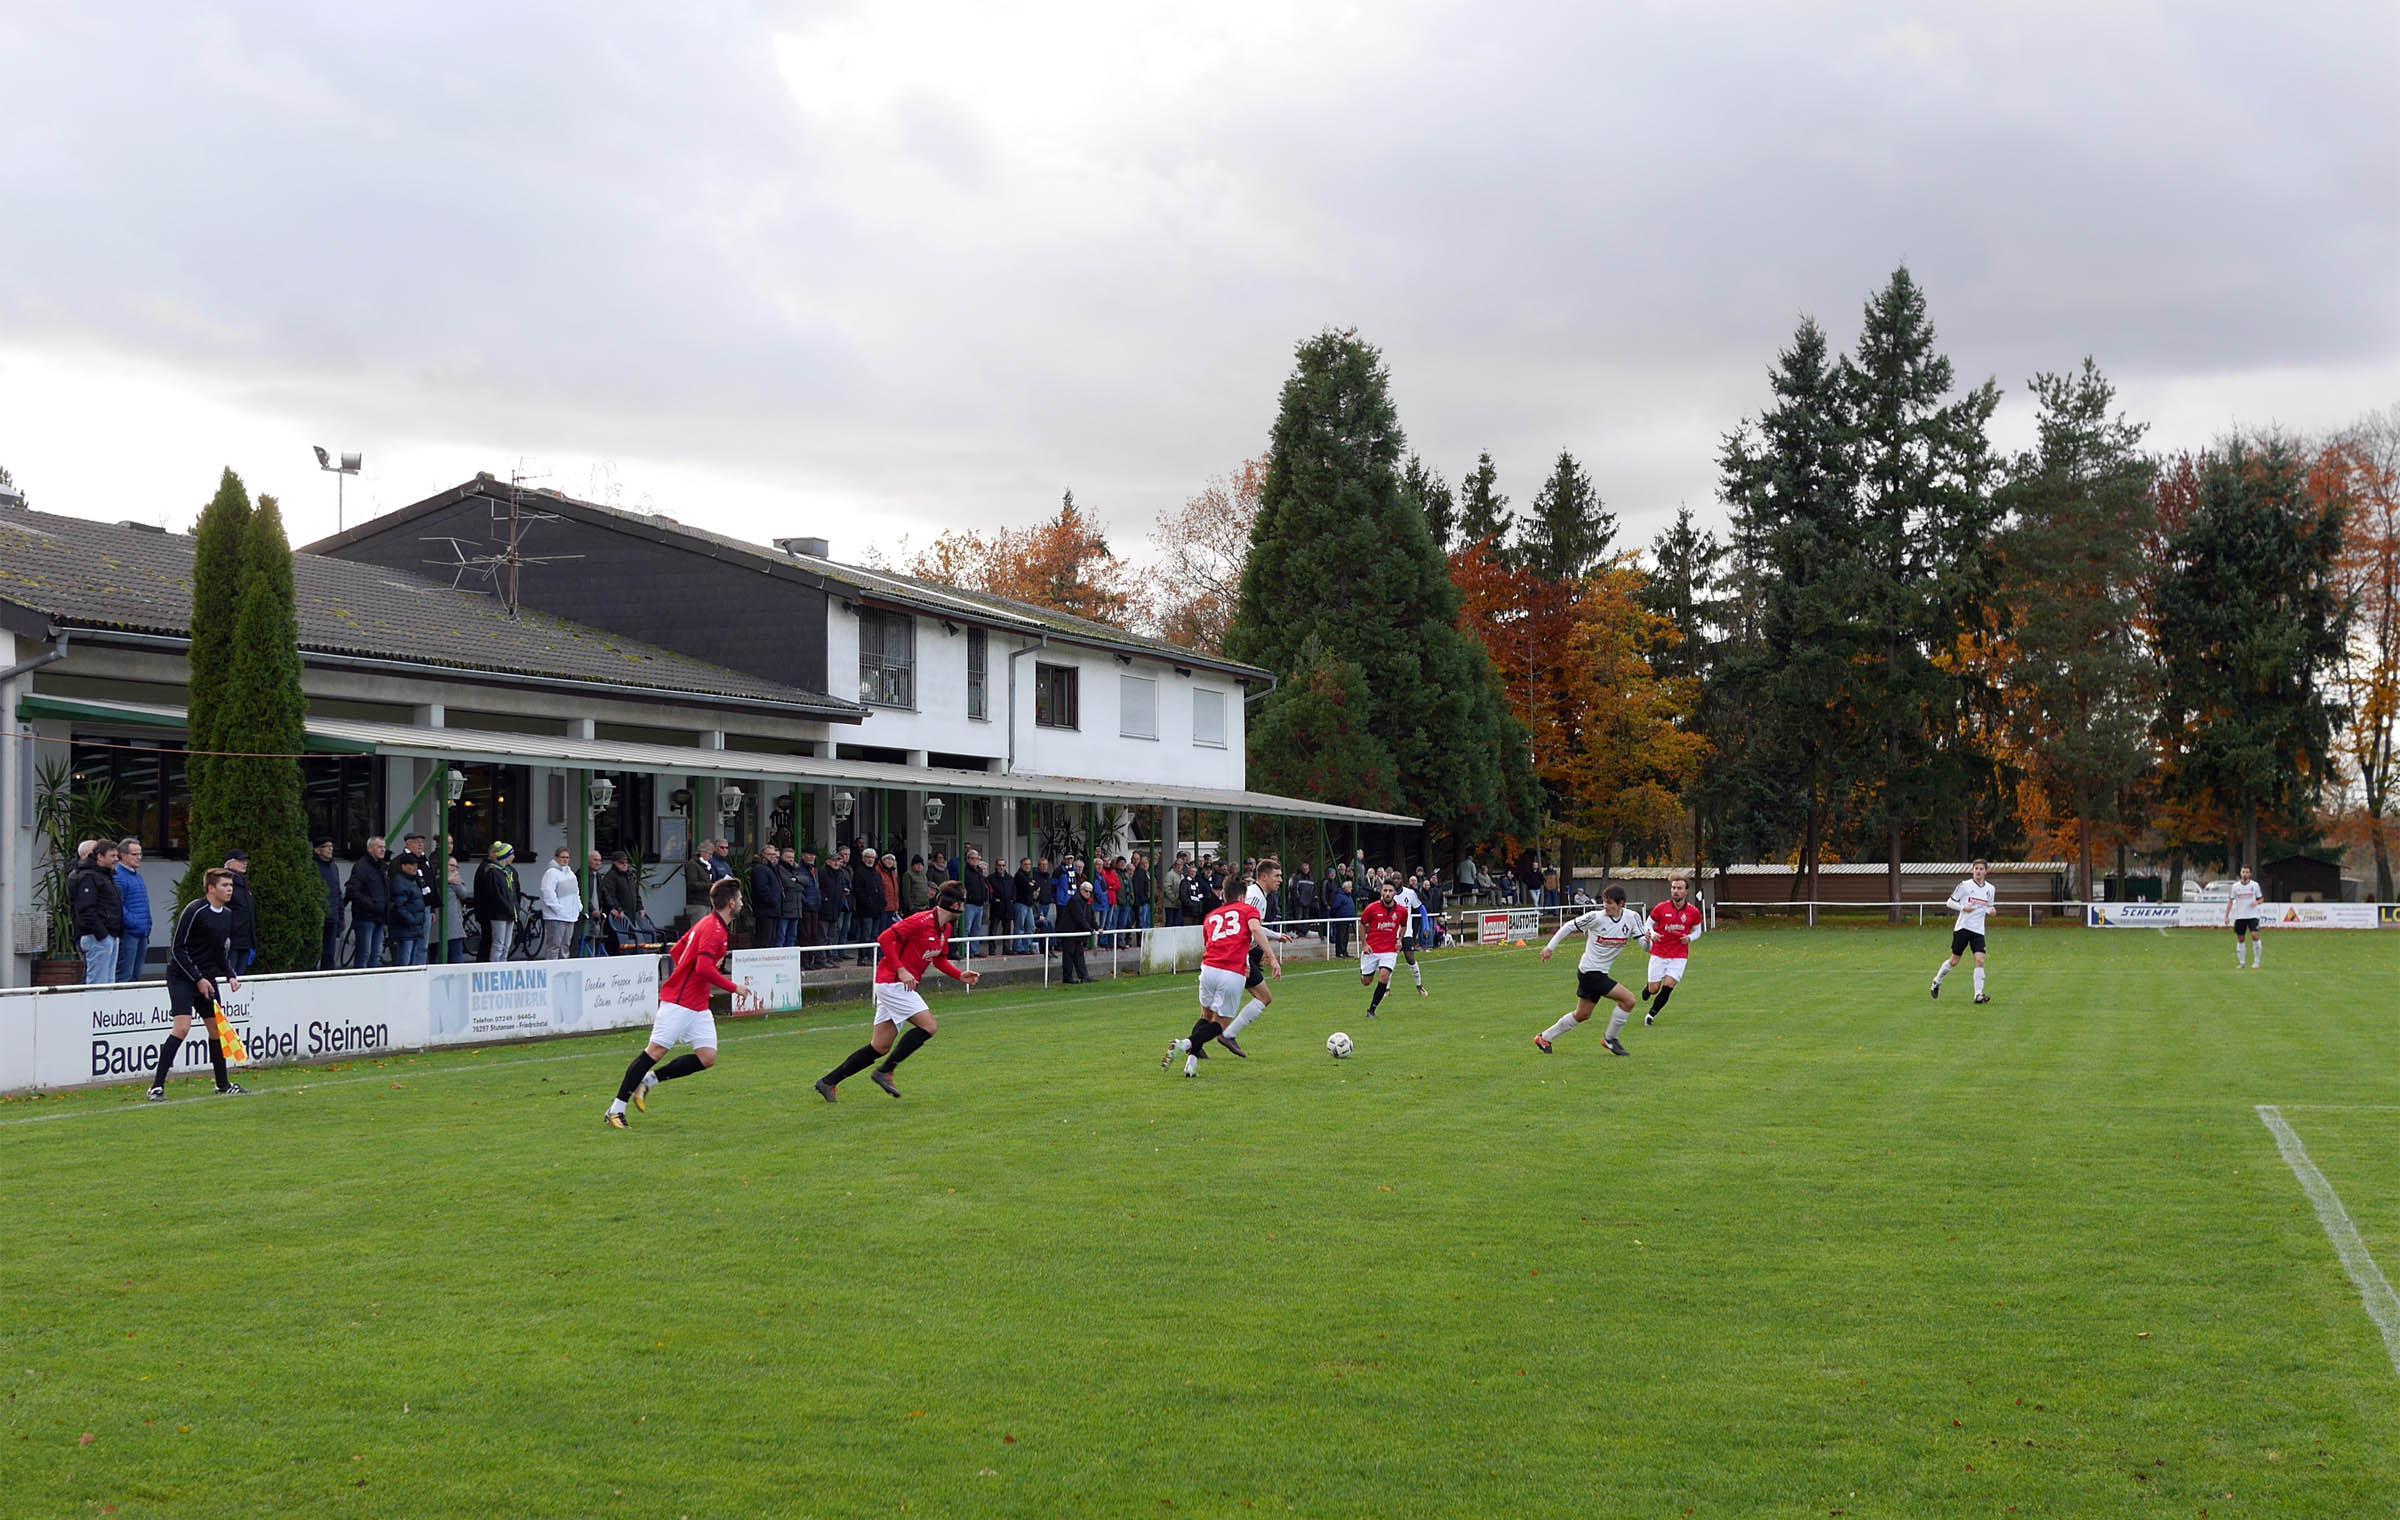 Guter Besuch im Stutensee-Stadion.